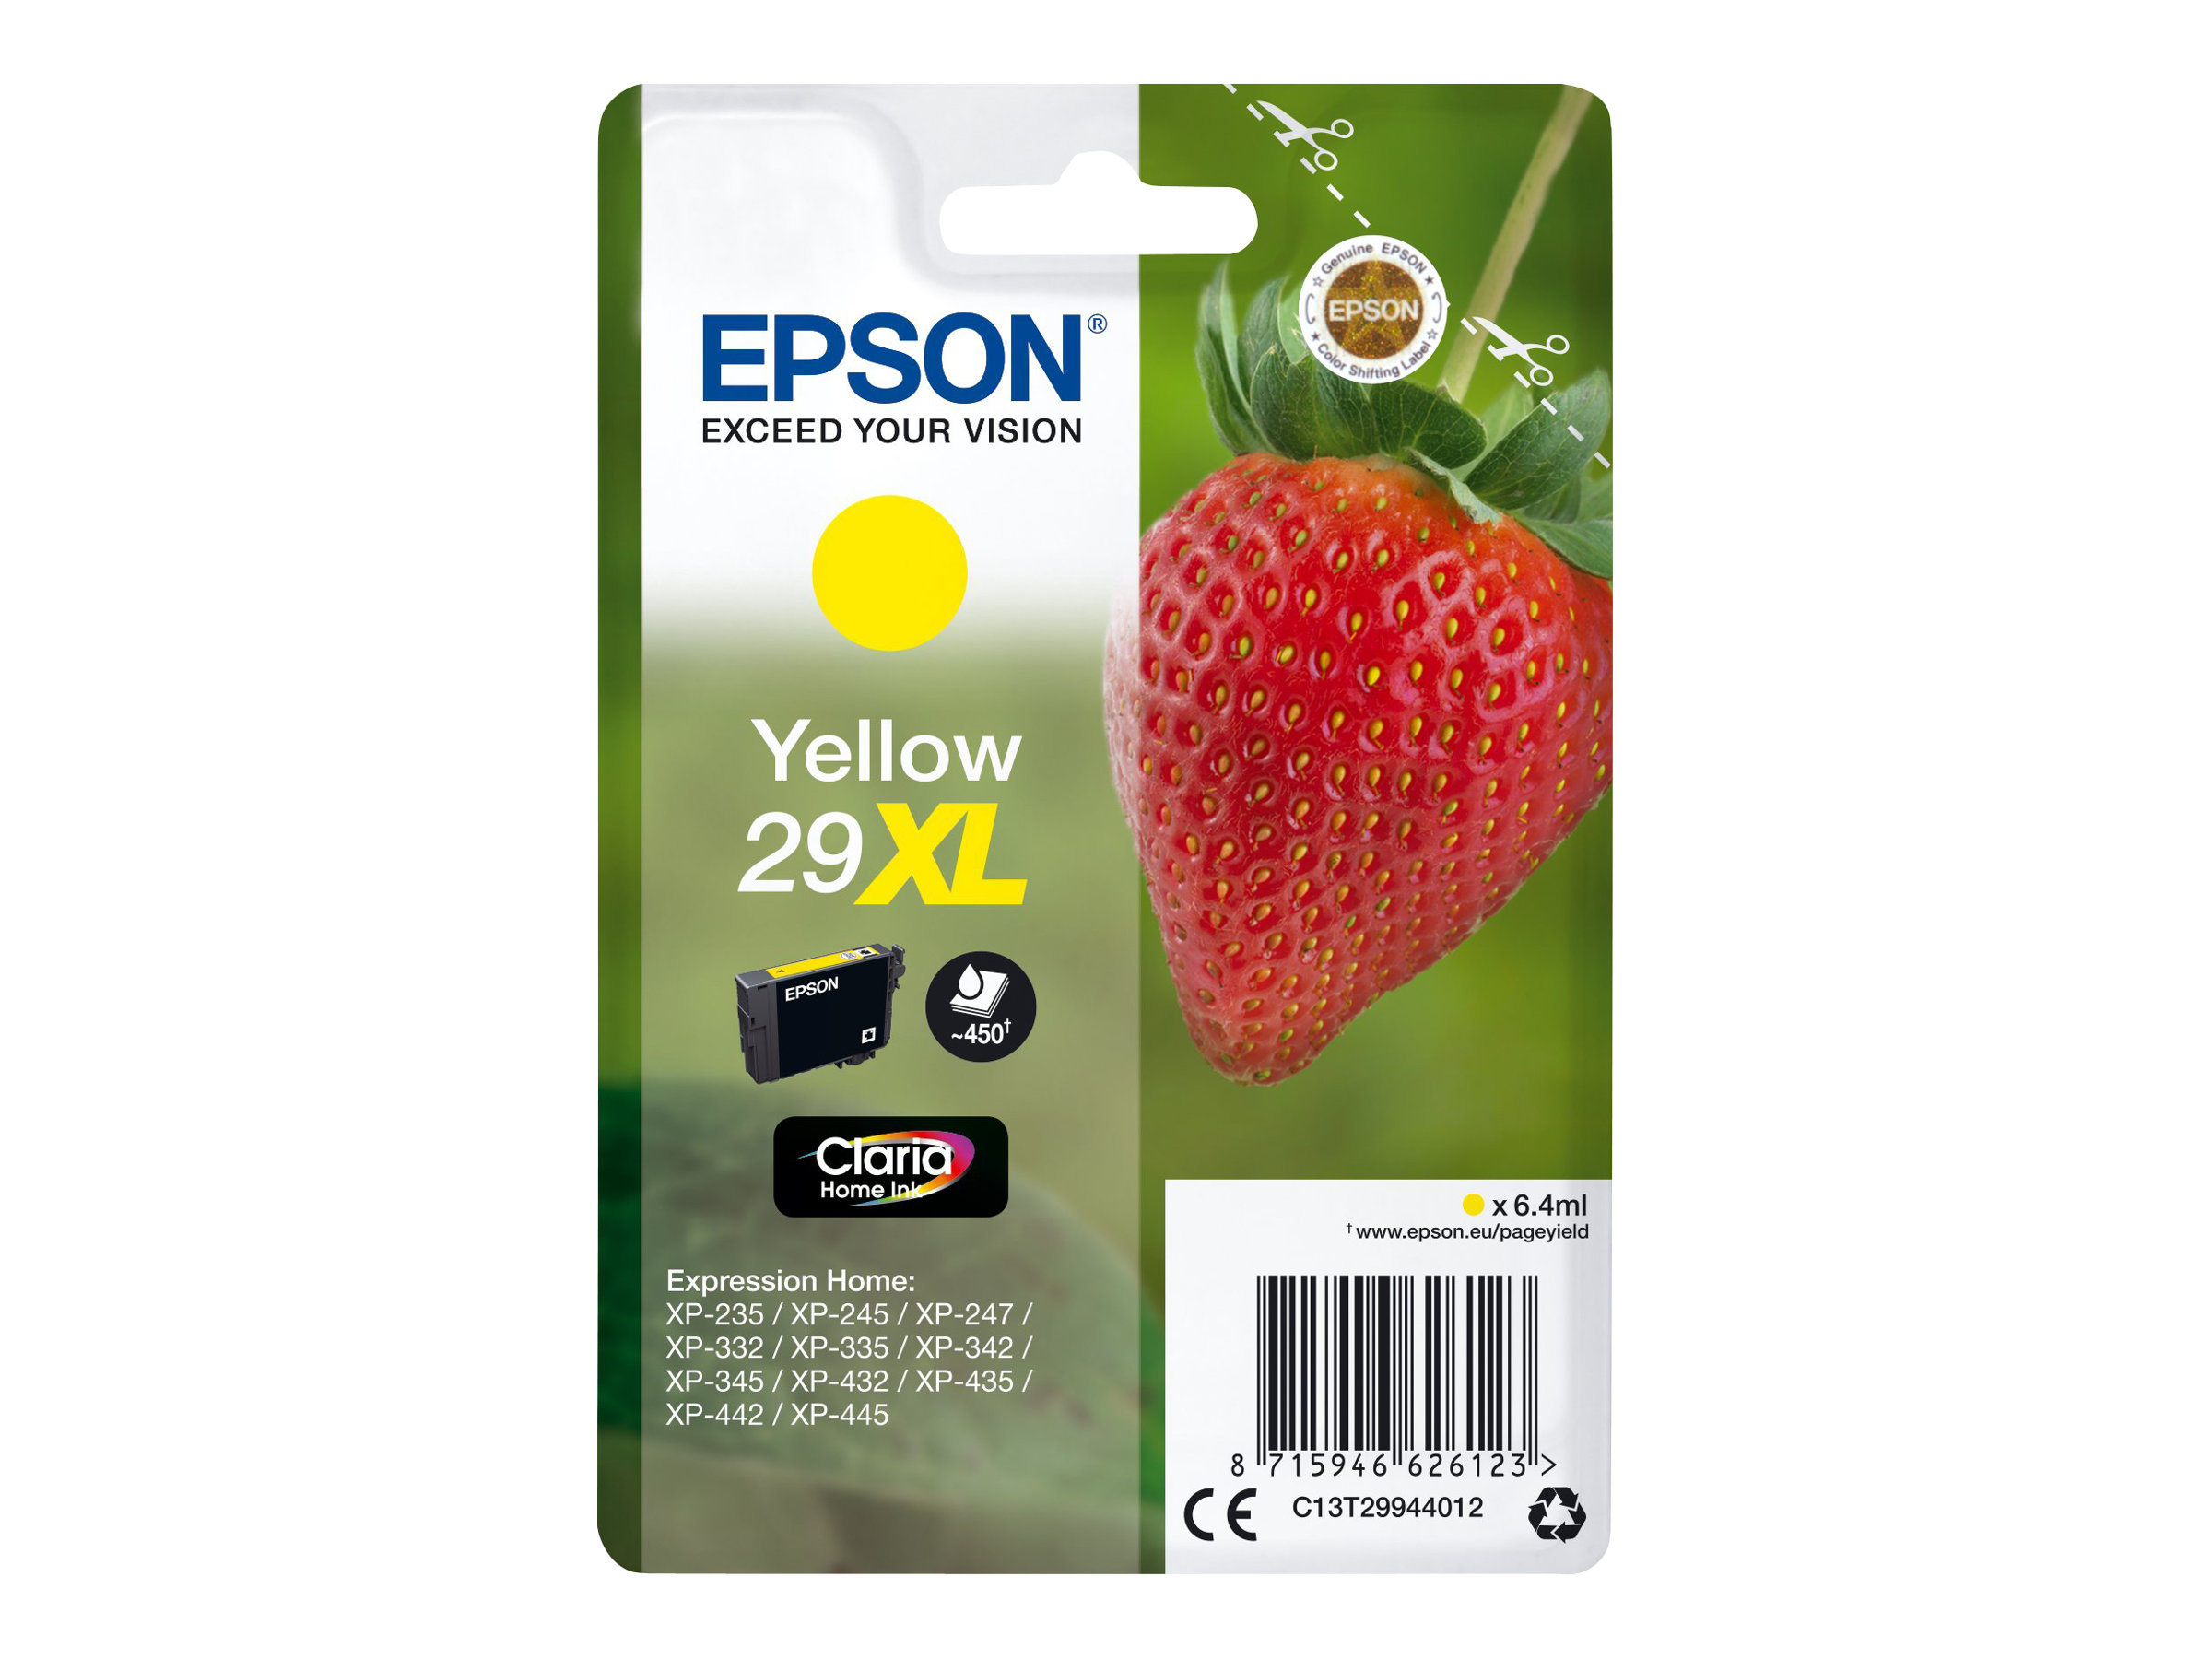 Epson 29XL Fraise - jaune - cartouche d'encre originale